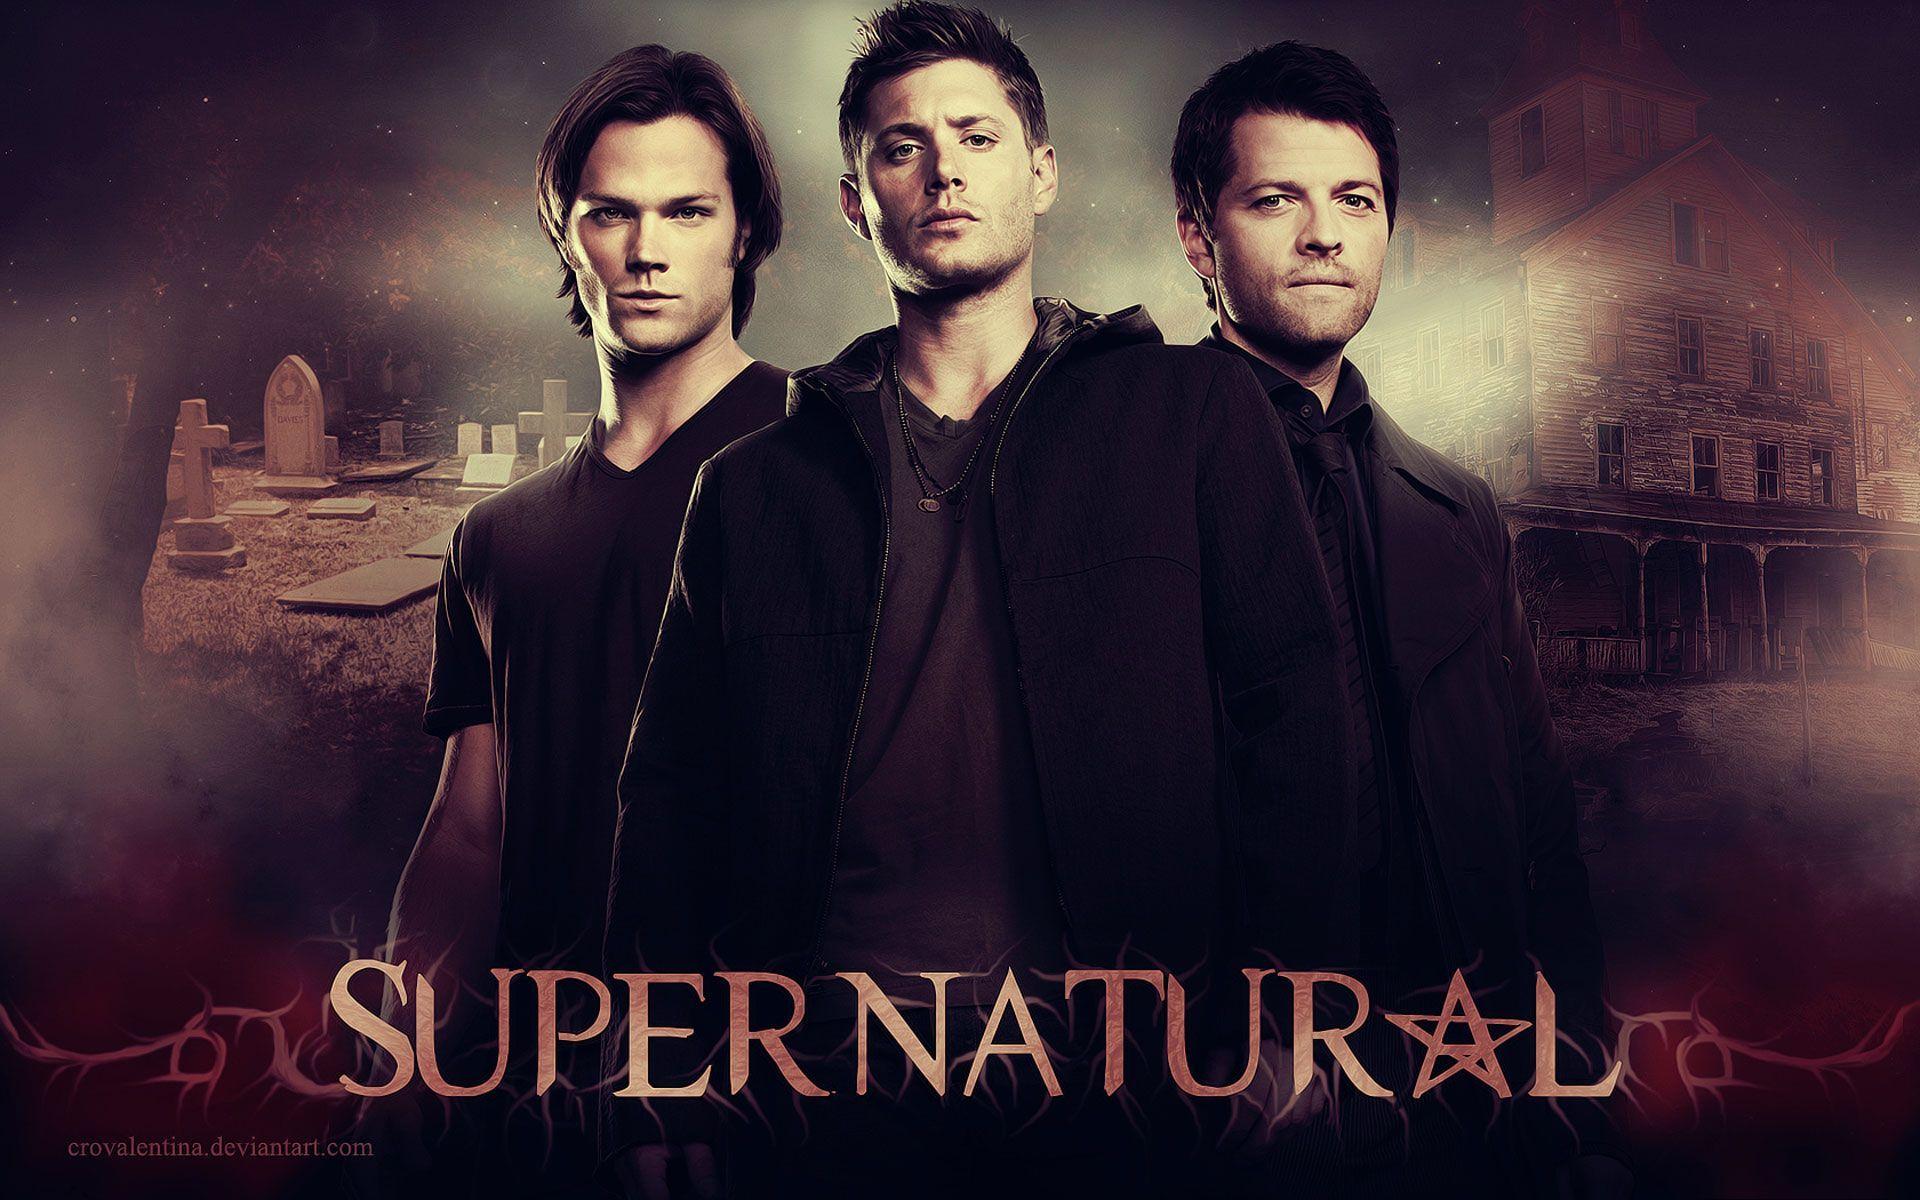 Supernatural Nie Z Tego Swiata S13e13 Online Pl Napisy Lektor Sezon 13 Odcinek 13 Cda Zalukaj Ch Supernatural Wallpaper Supernatural Seasons Supernatural